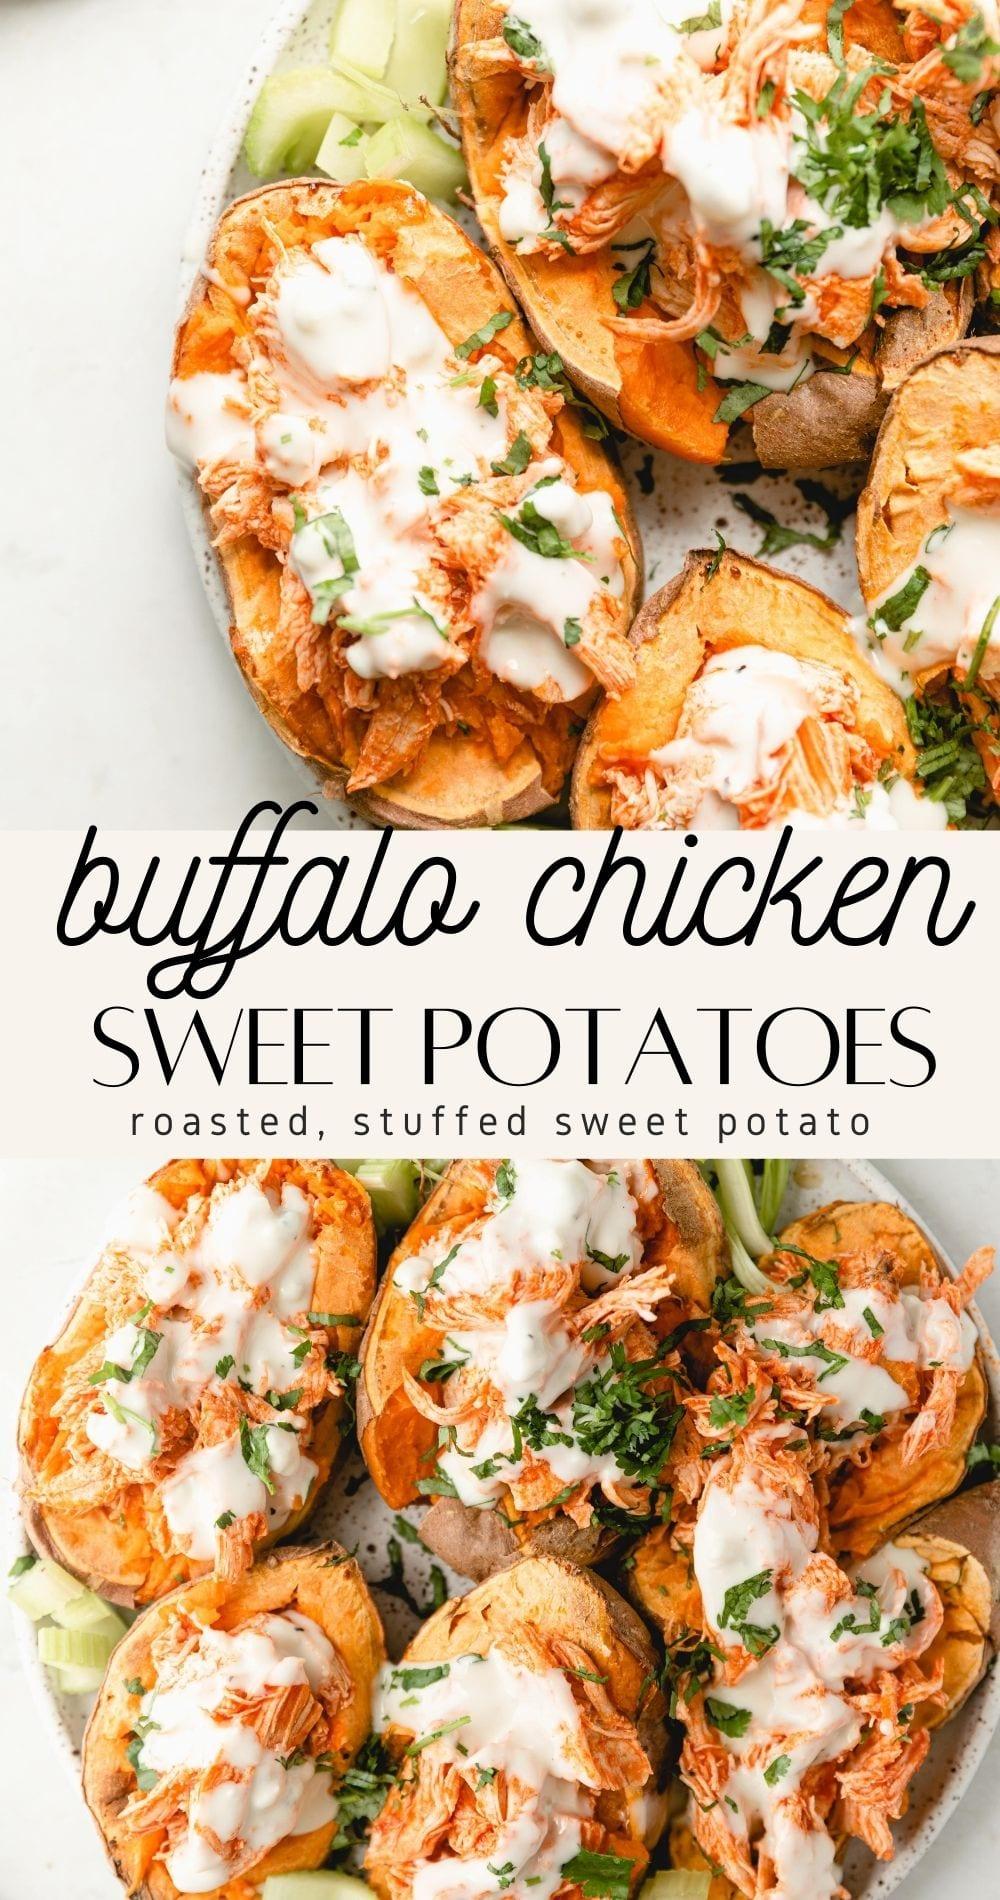 shredded buffalo chicken stuffed sweet potato pin image